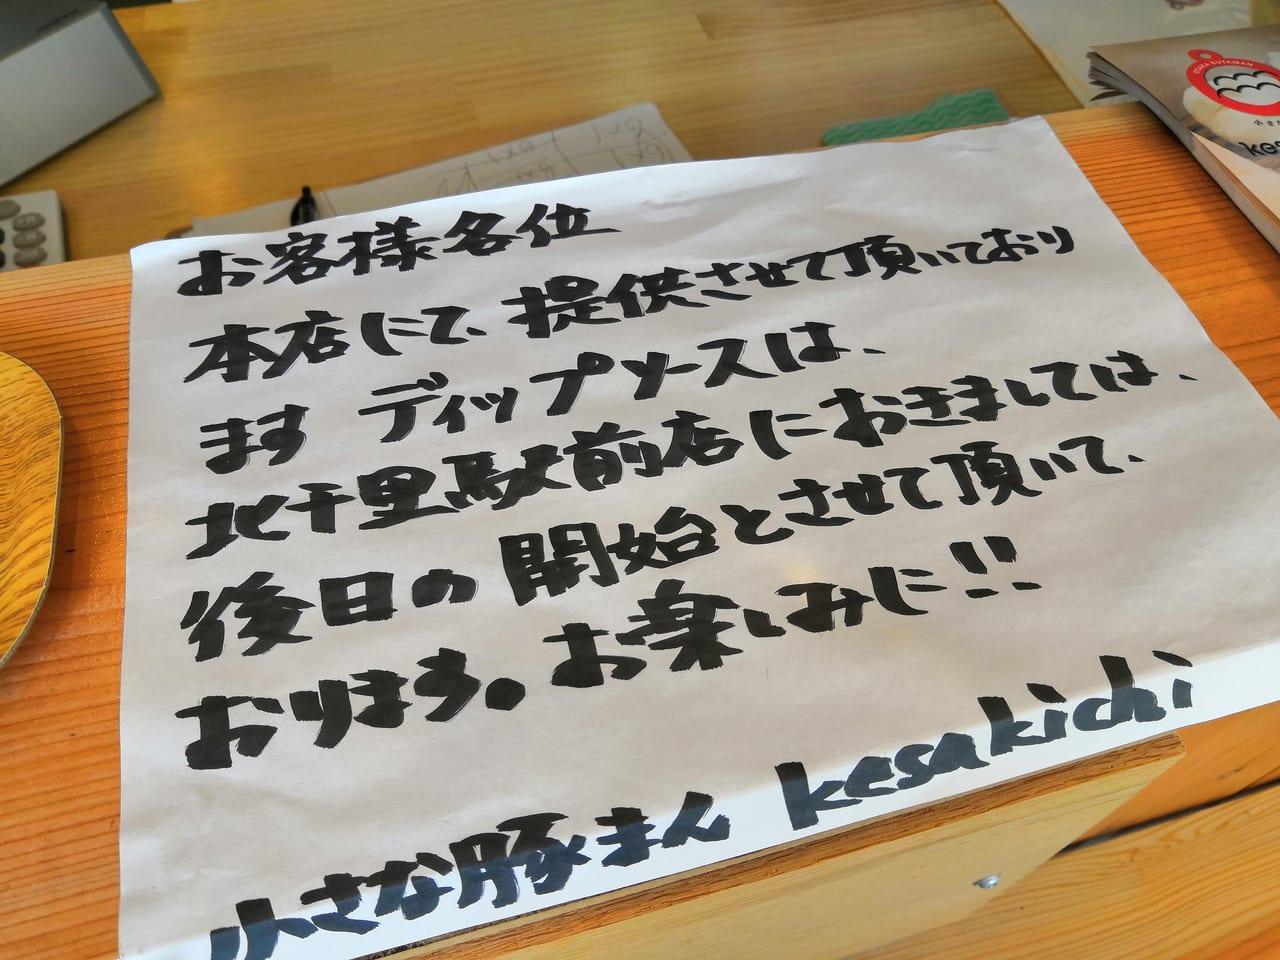 Kesakichi